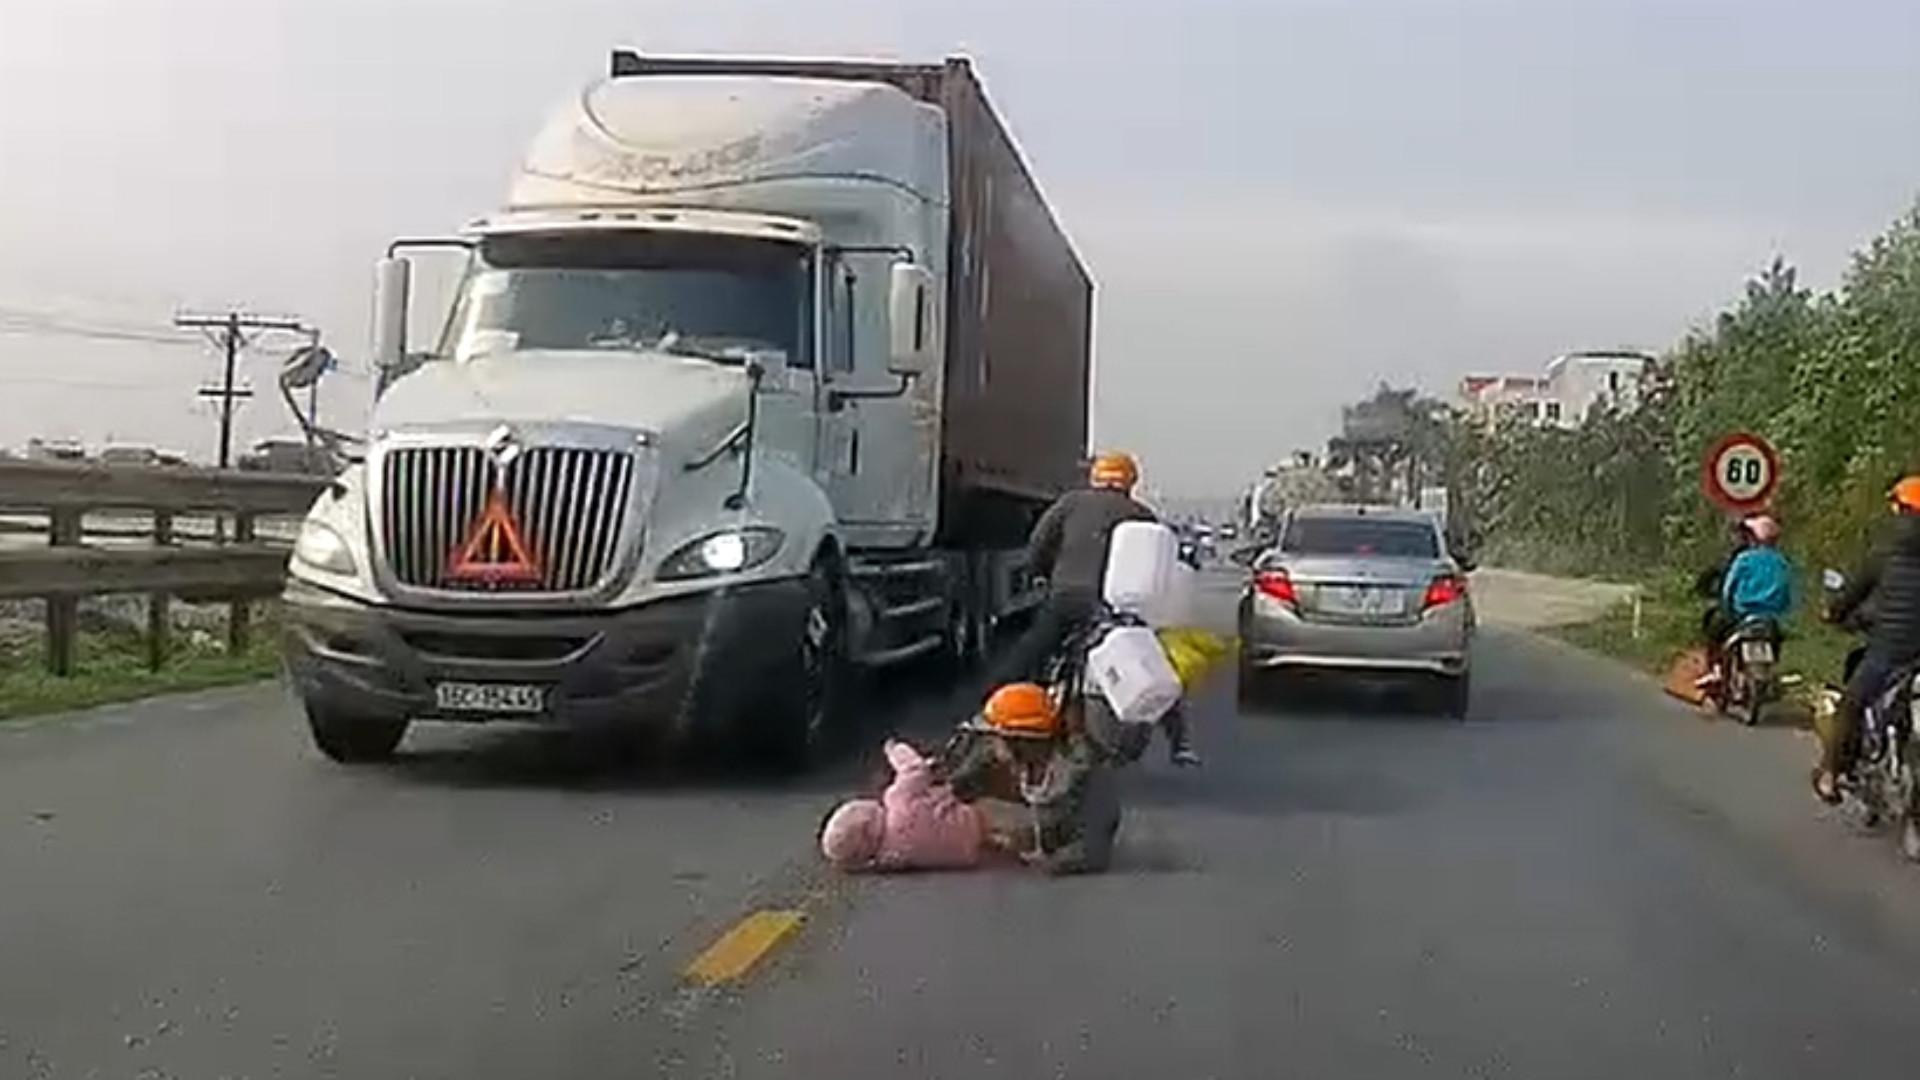 Mãe salva filho milagrosamente em acidente dramático; vídeo